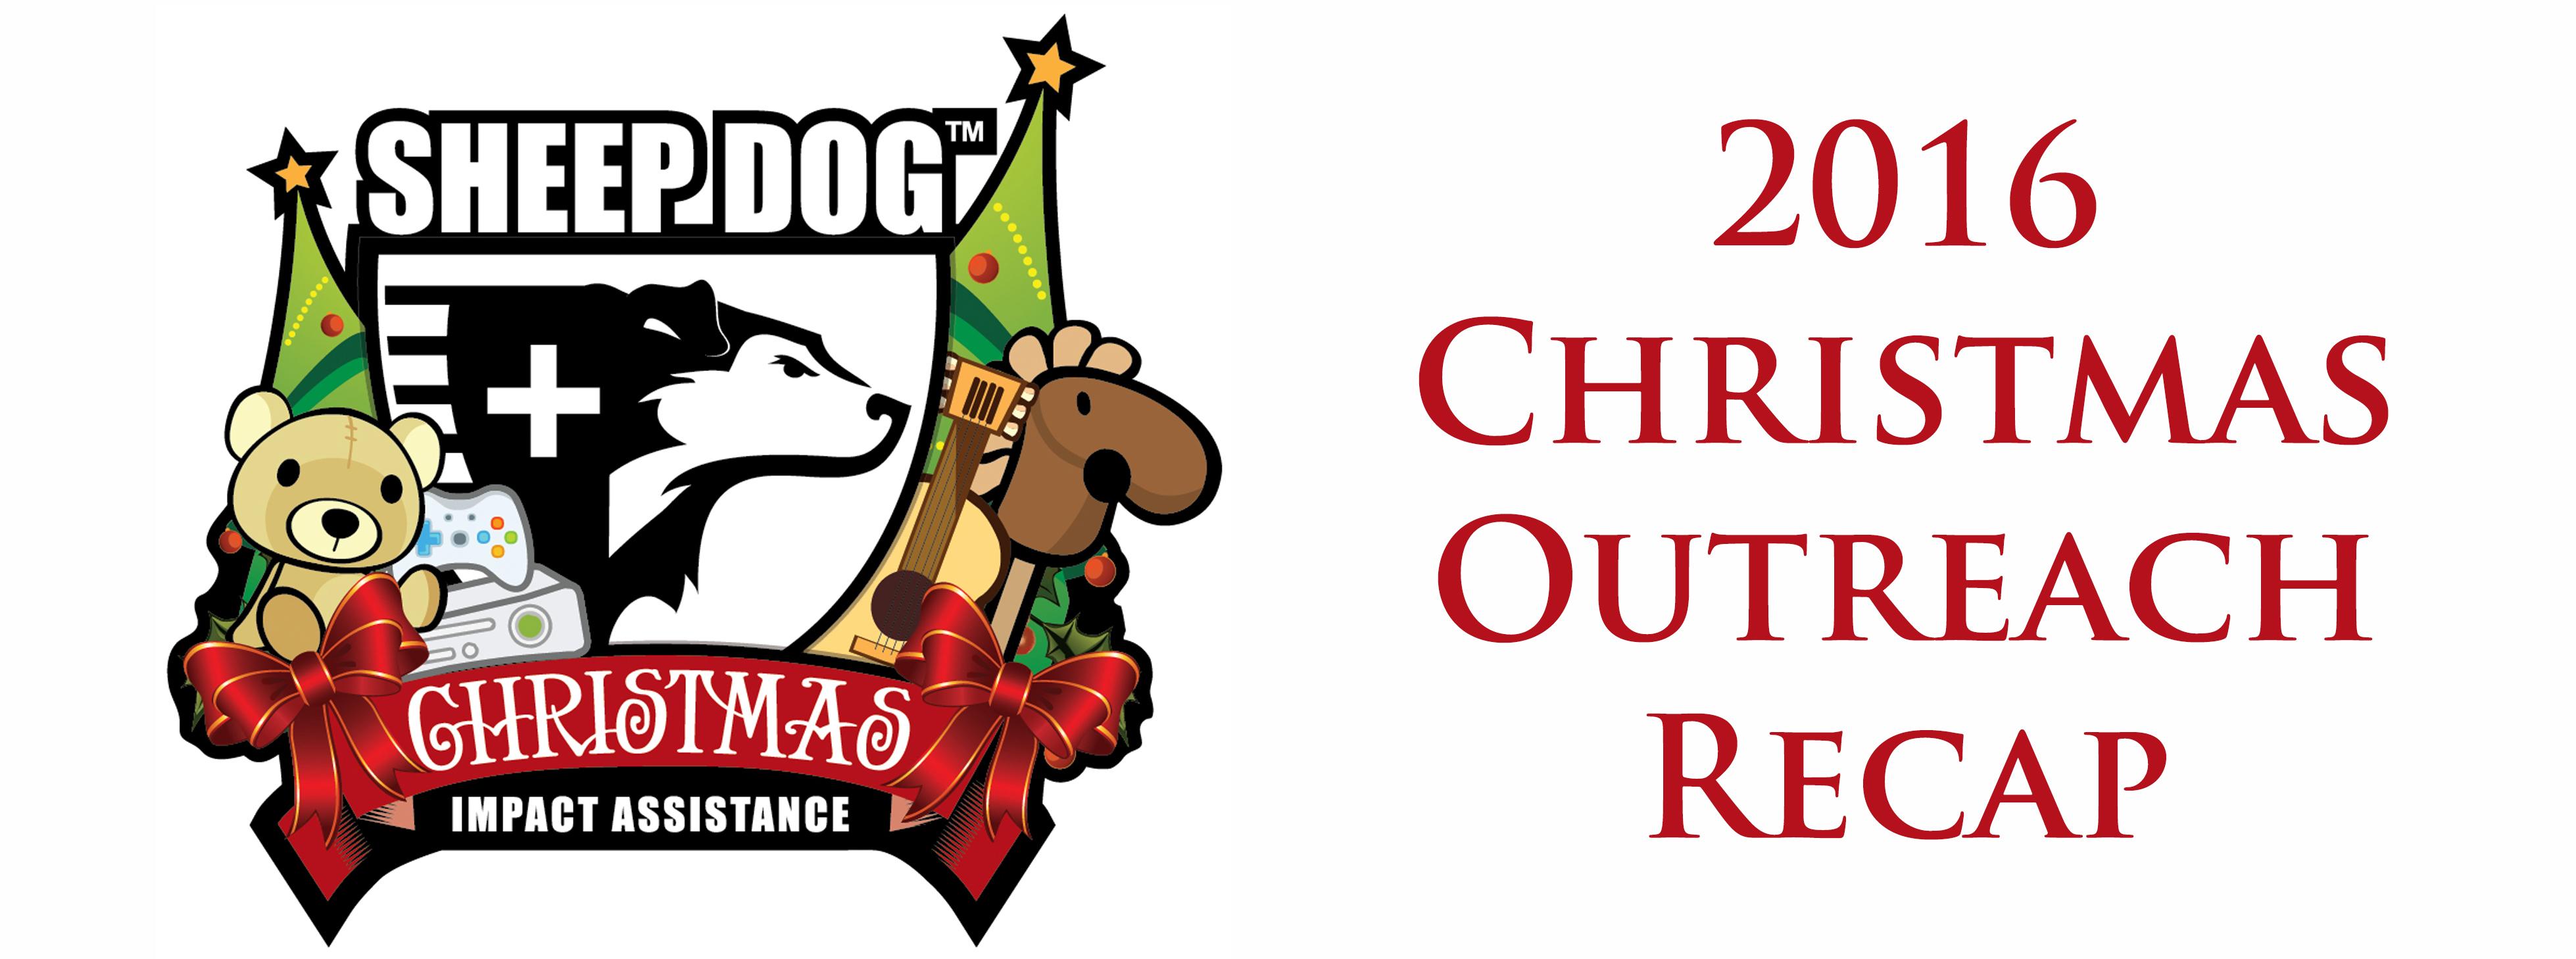 2016 Christmas Outreach Recap | Sheep Dog Impact Assistance